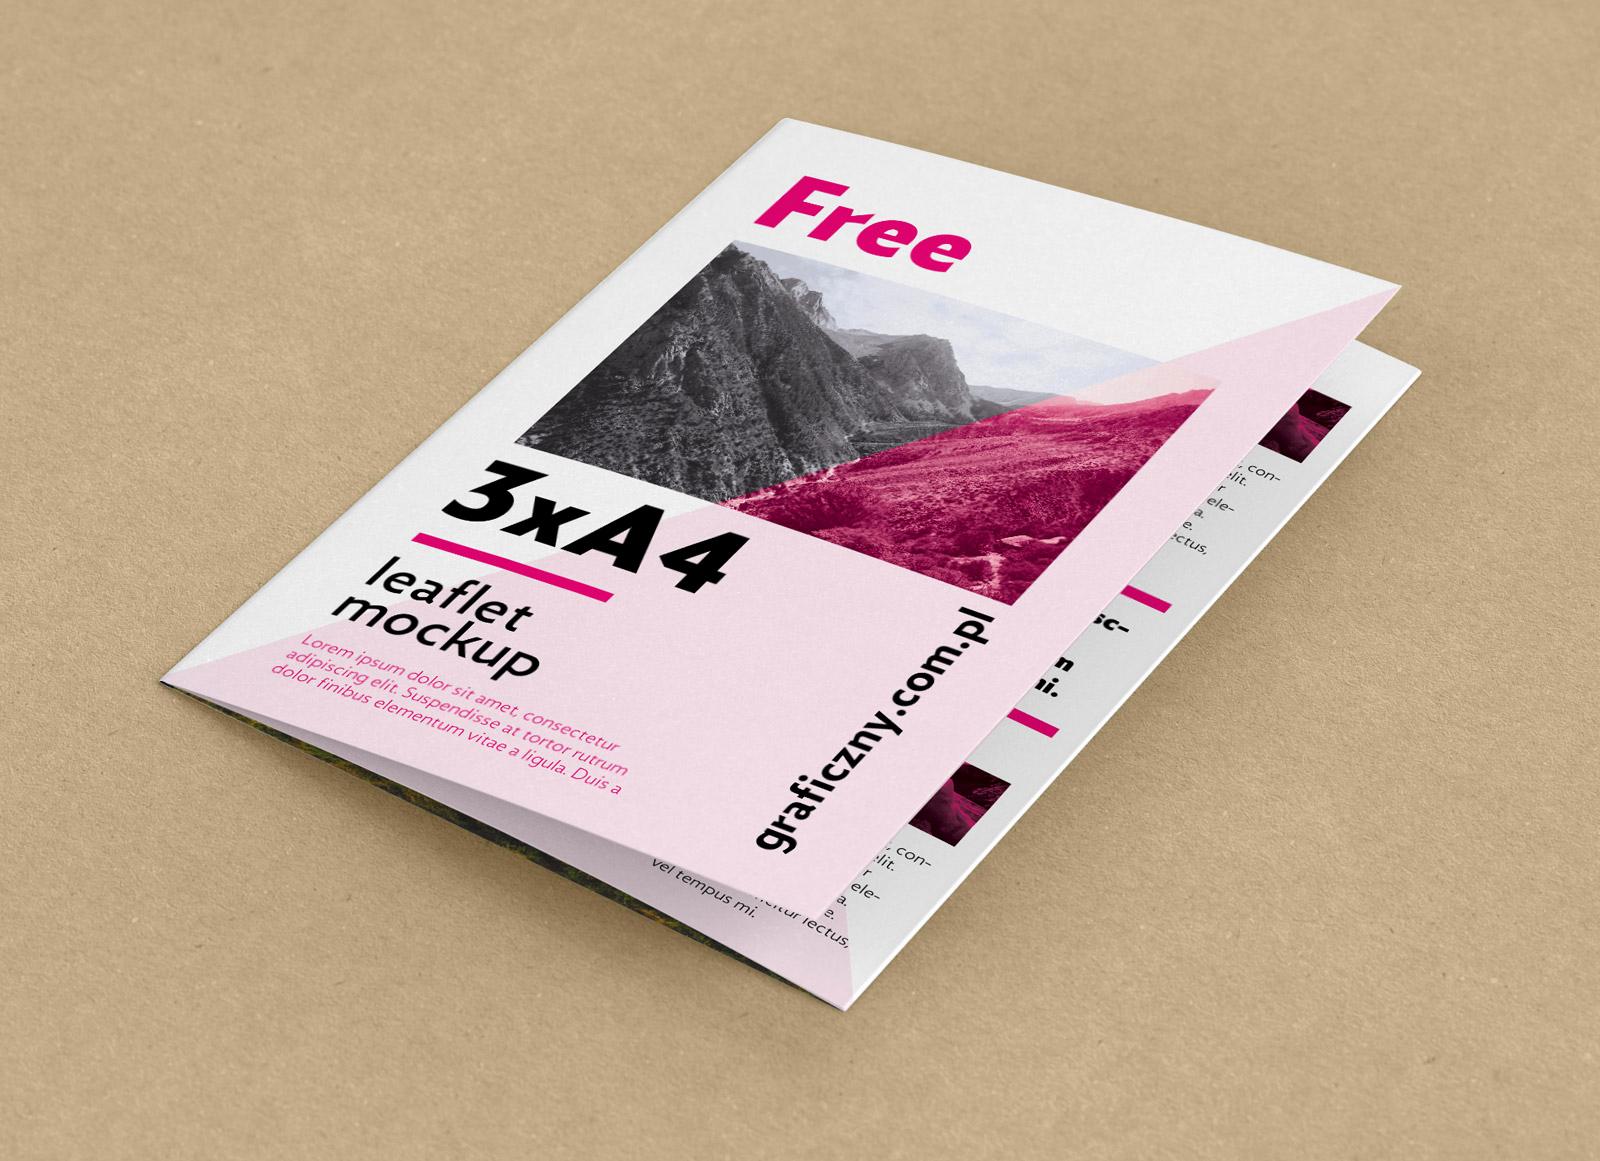 Tri Fold Brochure Size New Free Tri Fold A4 Brochure Mockup Psd Good Mockups